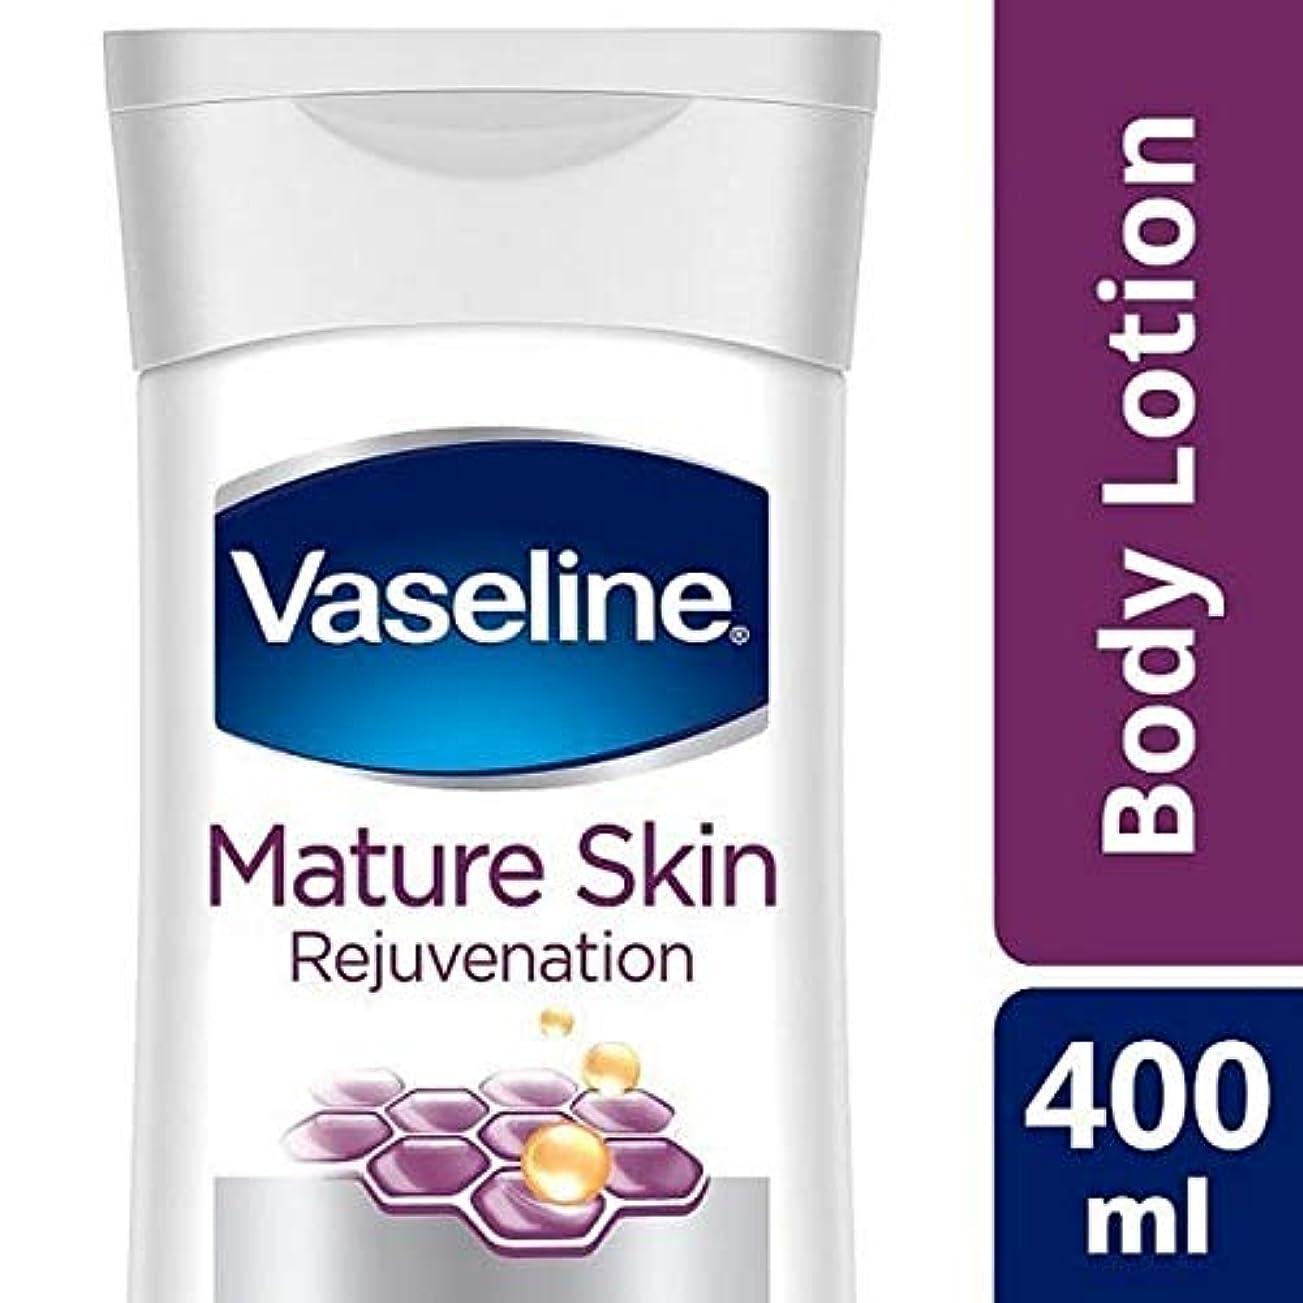 間欠端末プロポーショナル[Vaseline ] 成熟した肌のための400ミリリットルワセリン集中治療ボディローション - Vaseline Intensive Care Body Lotion for Mature Skin 400ml [並行輸入品]